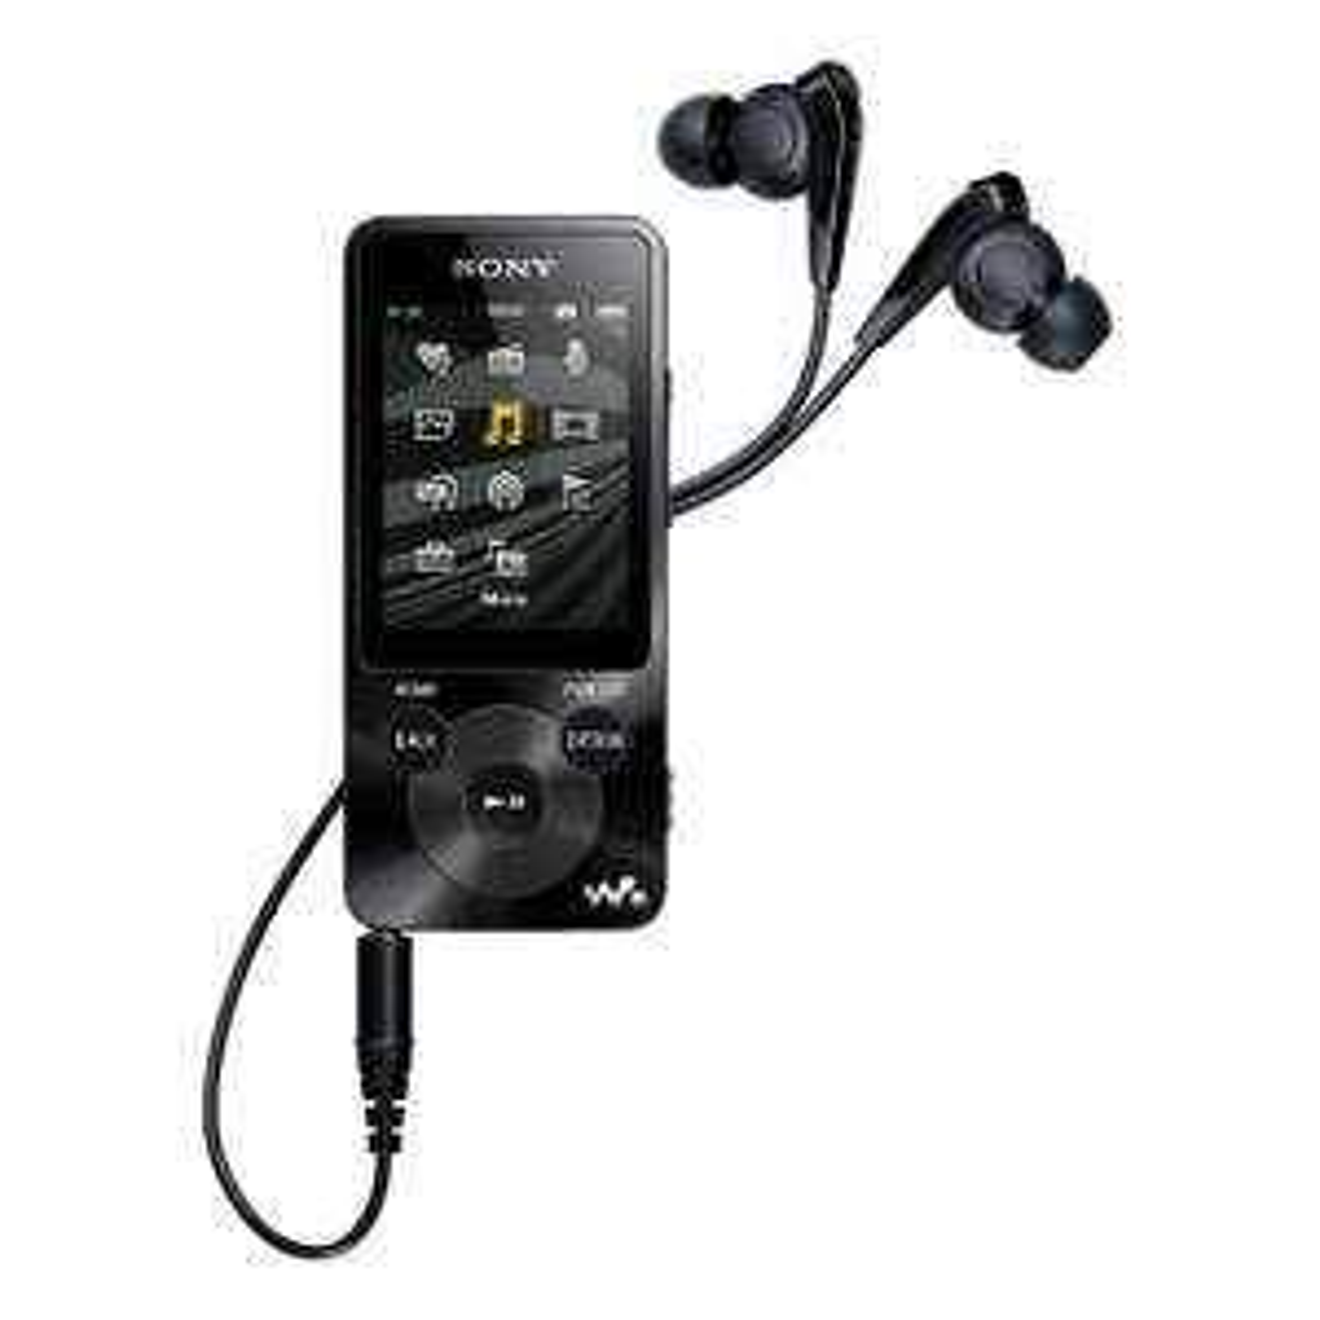 """Lecteur multimédia 2"""" Sony NWZ-E585B Noir - 16Go + Ecouteurs Intra-auriculaires Sony MDR-NC31ELP à réduction de bruit"""